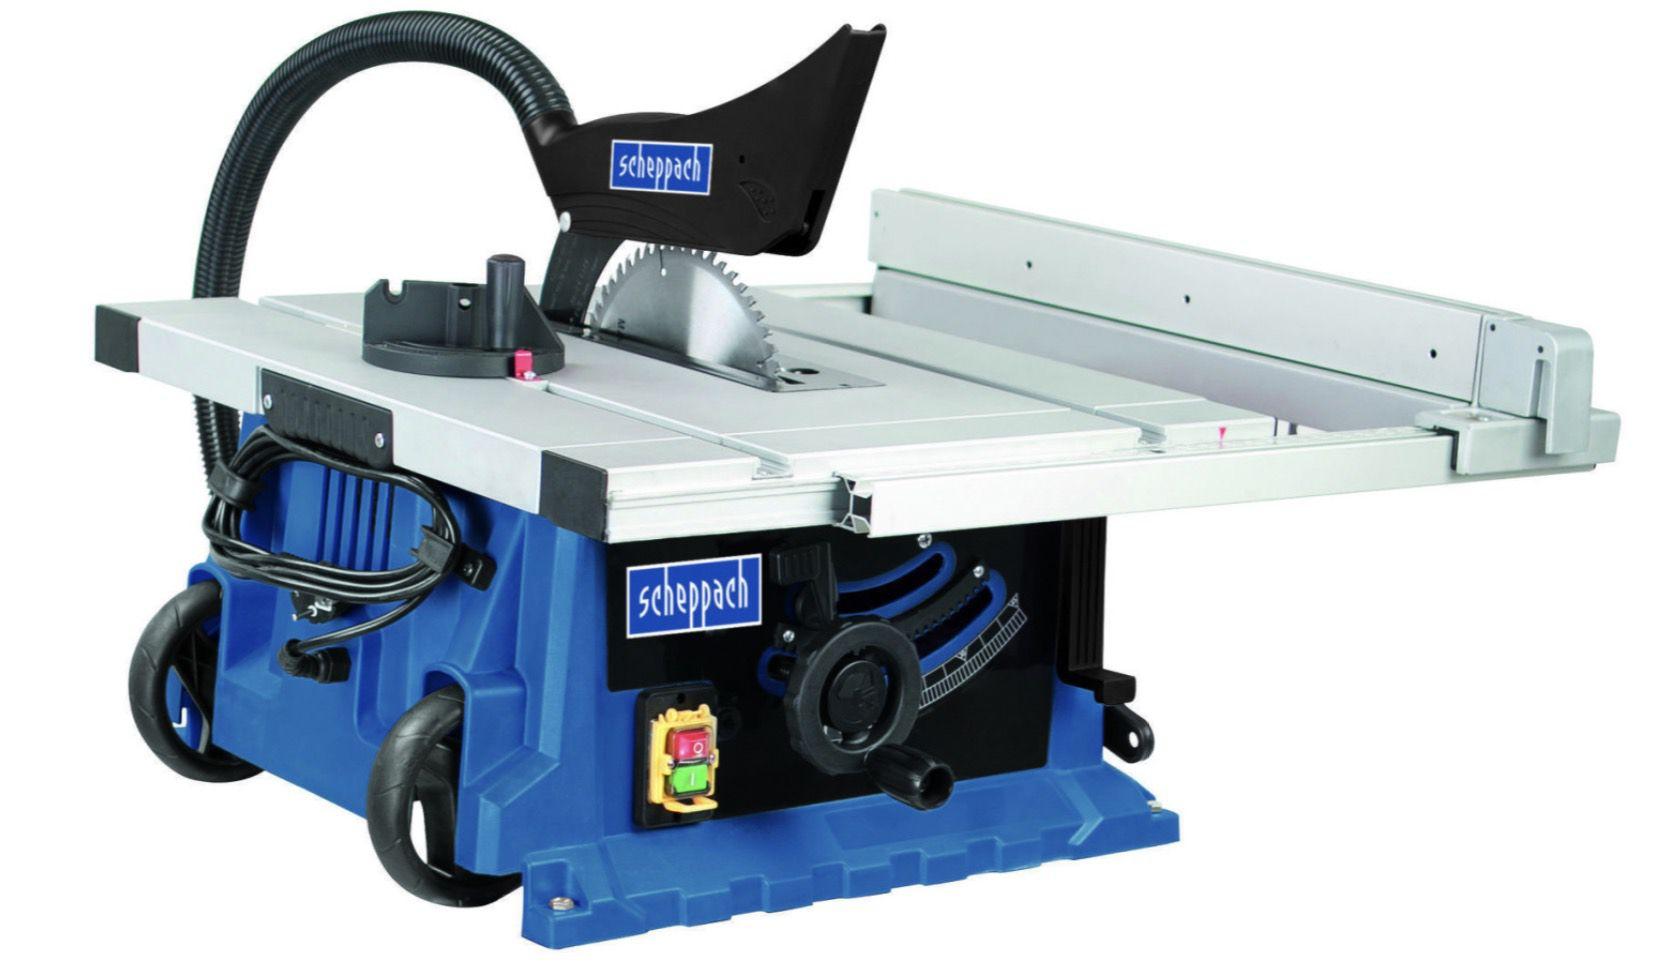 Scheppach Tischkreissäge HS105 2000W mit Untergestell für 219,95€ (statt 260€)